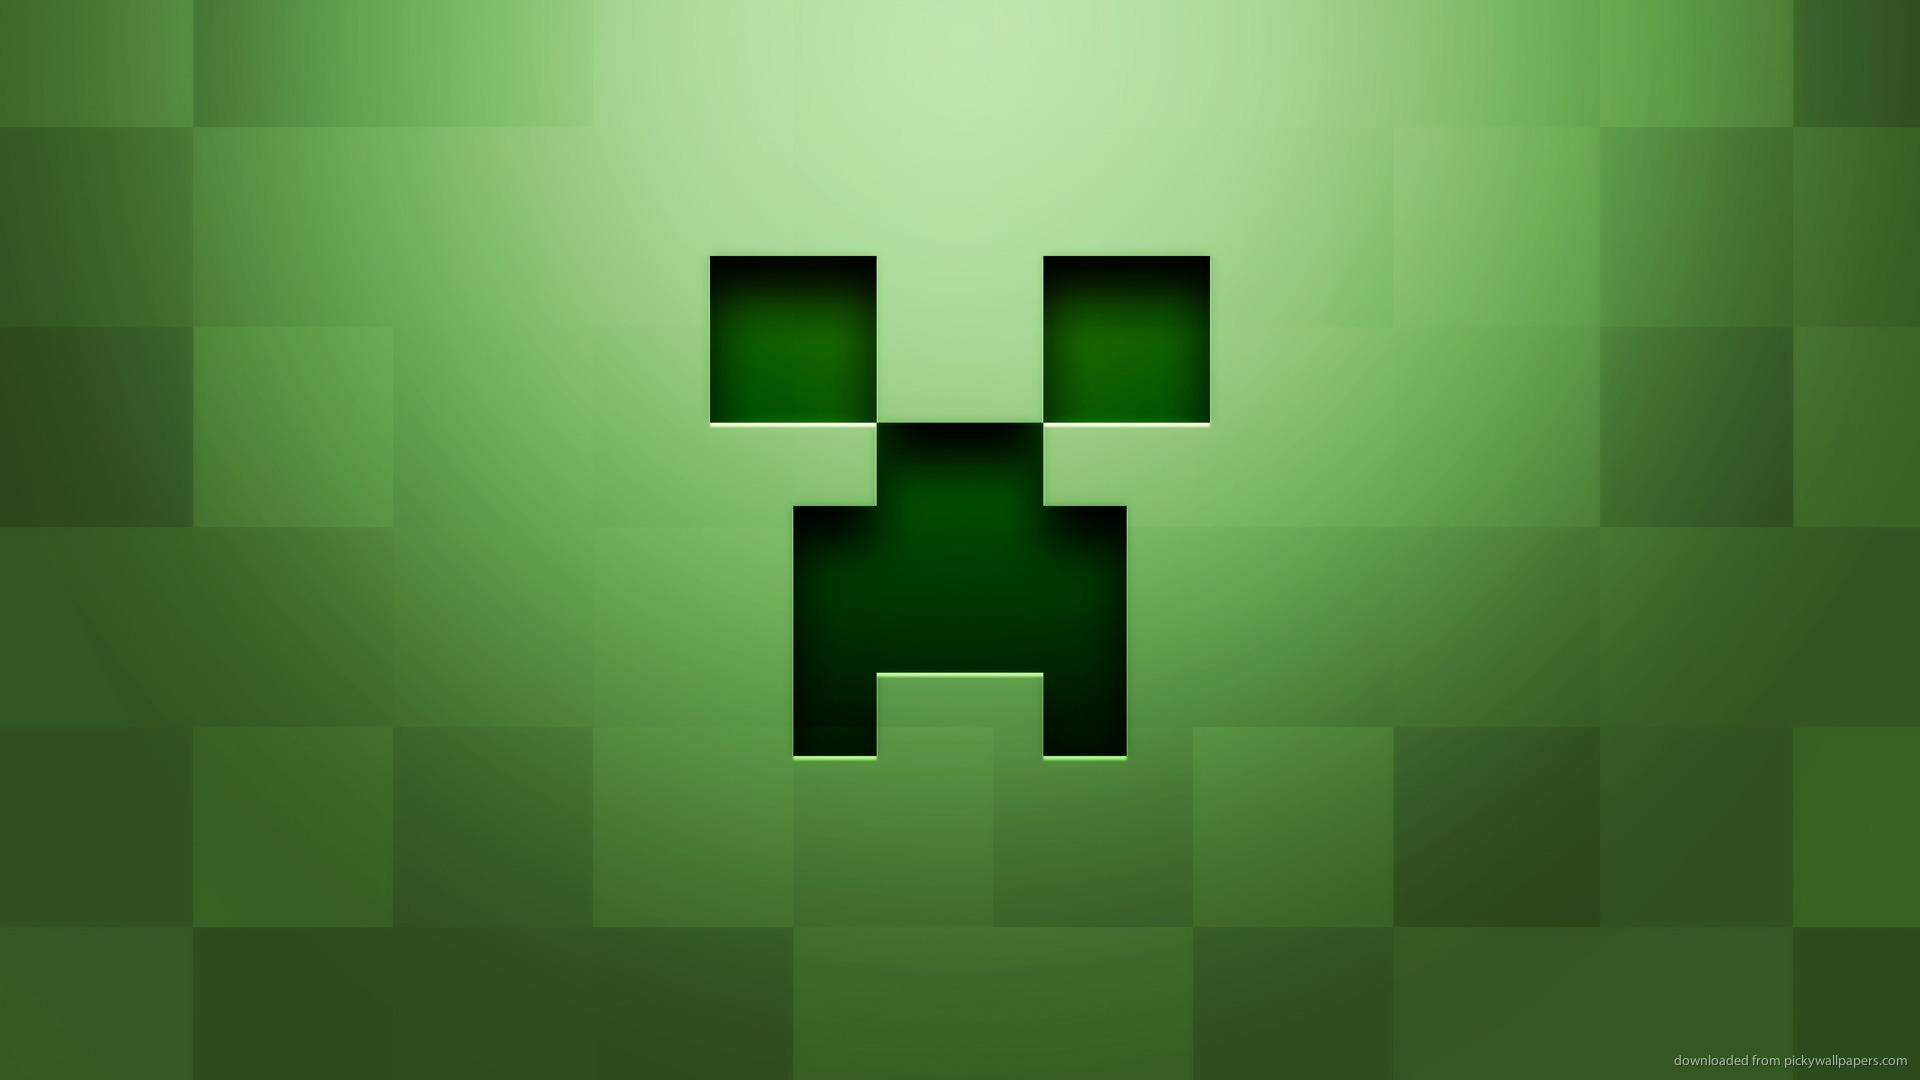 19450 скачать обои Игры, Фон, Майнкрафт (Minecraft) - заставки и картинки бесплатно